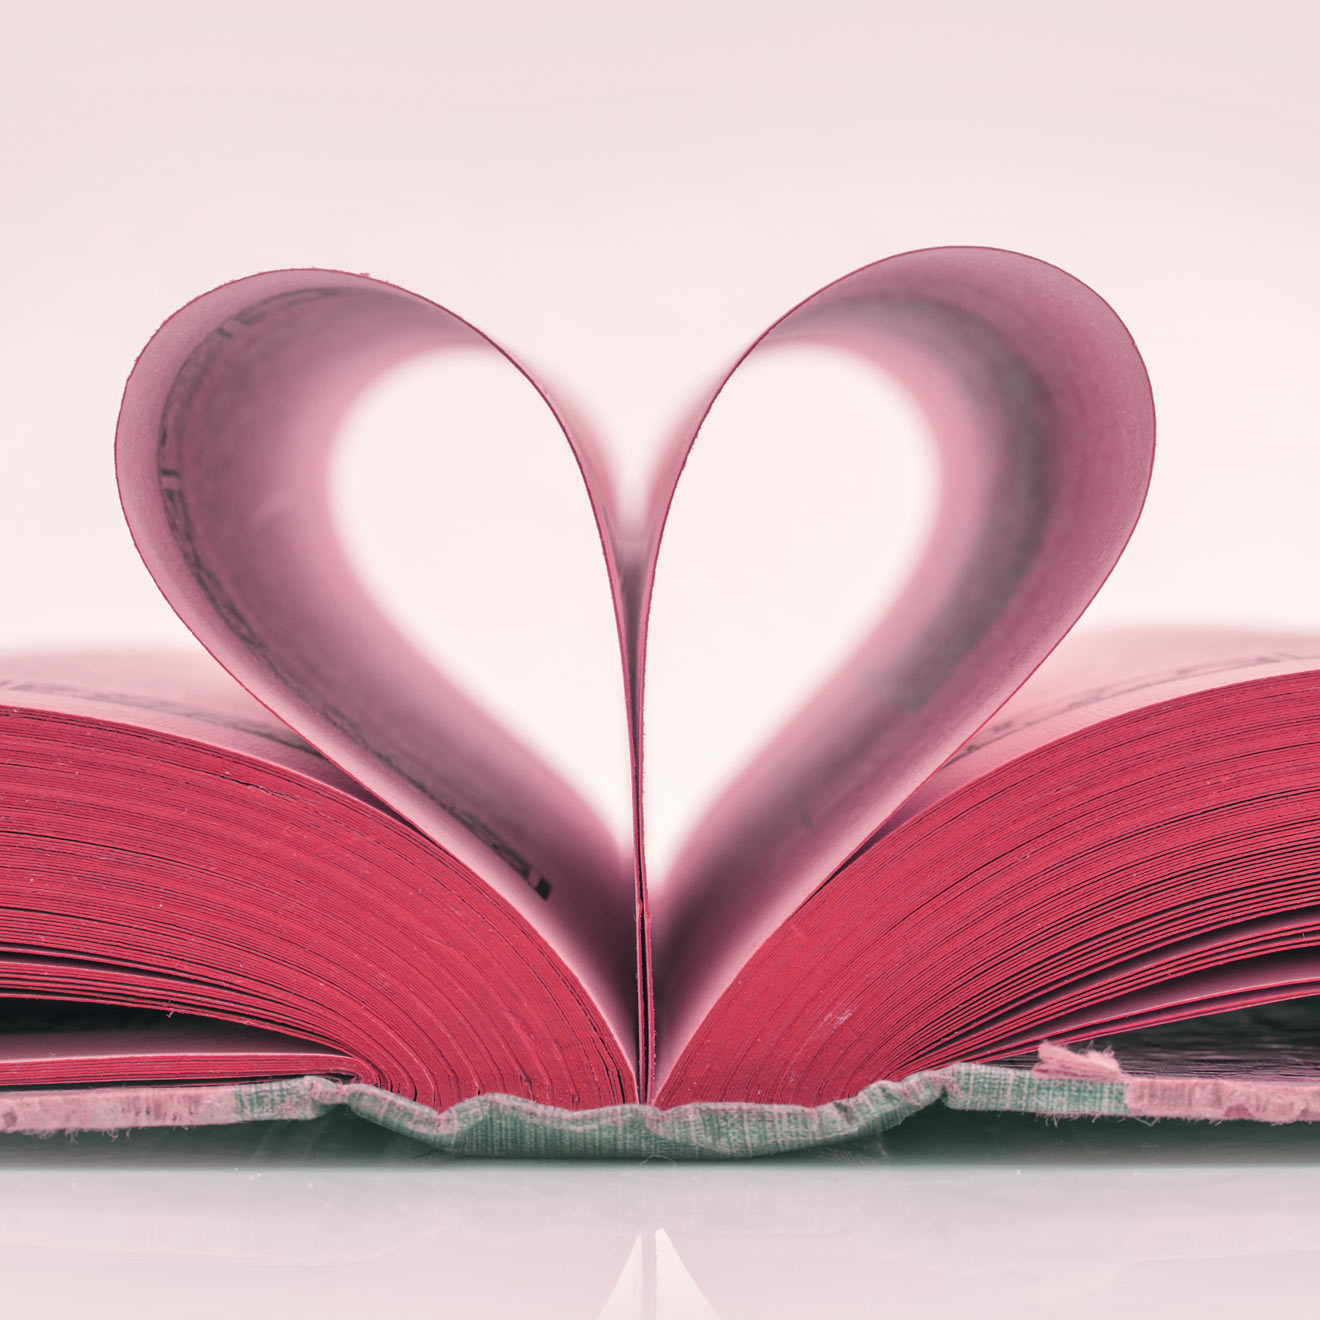 Wunderschöne Liebesgedichte| Bravo verwandt mit Schöne Liebes Bilder